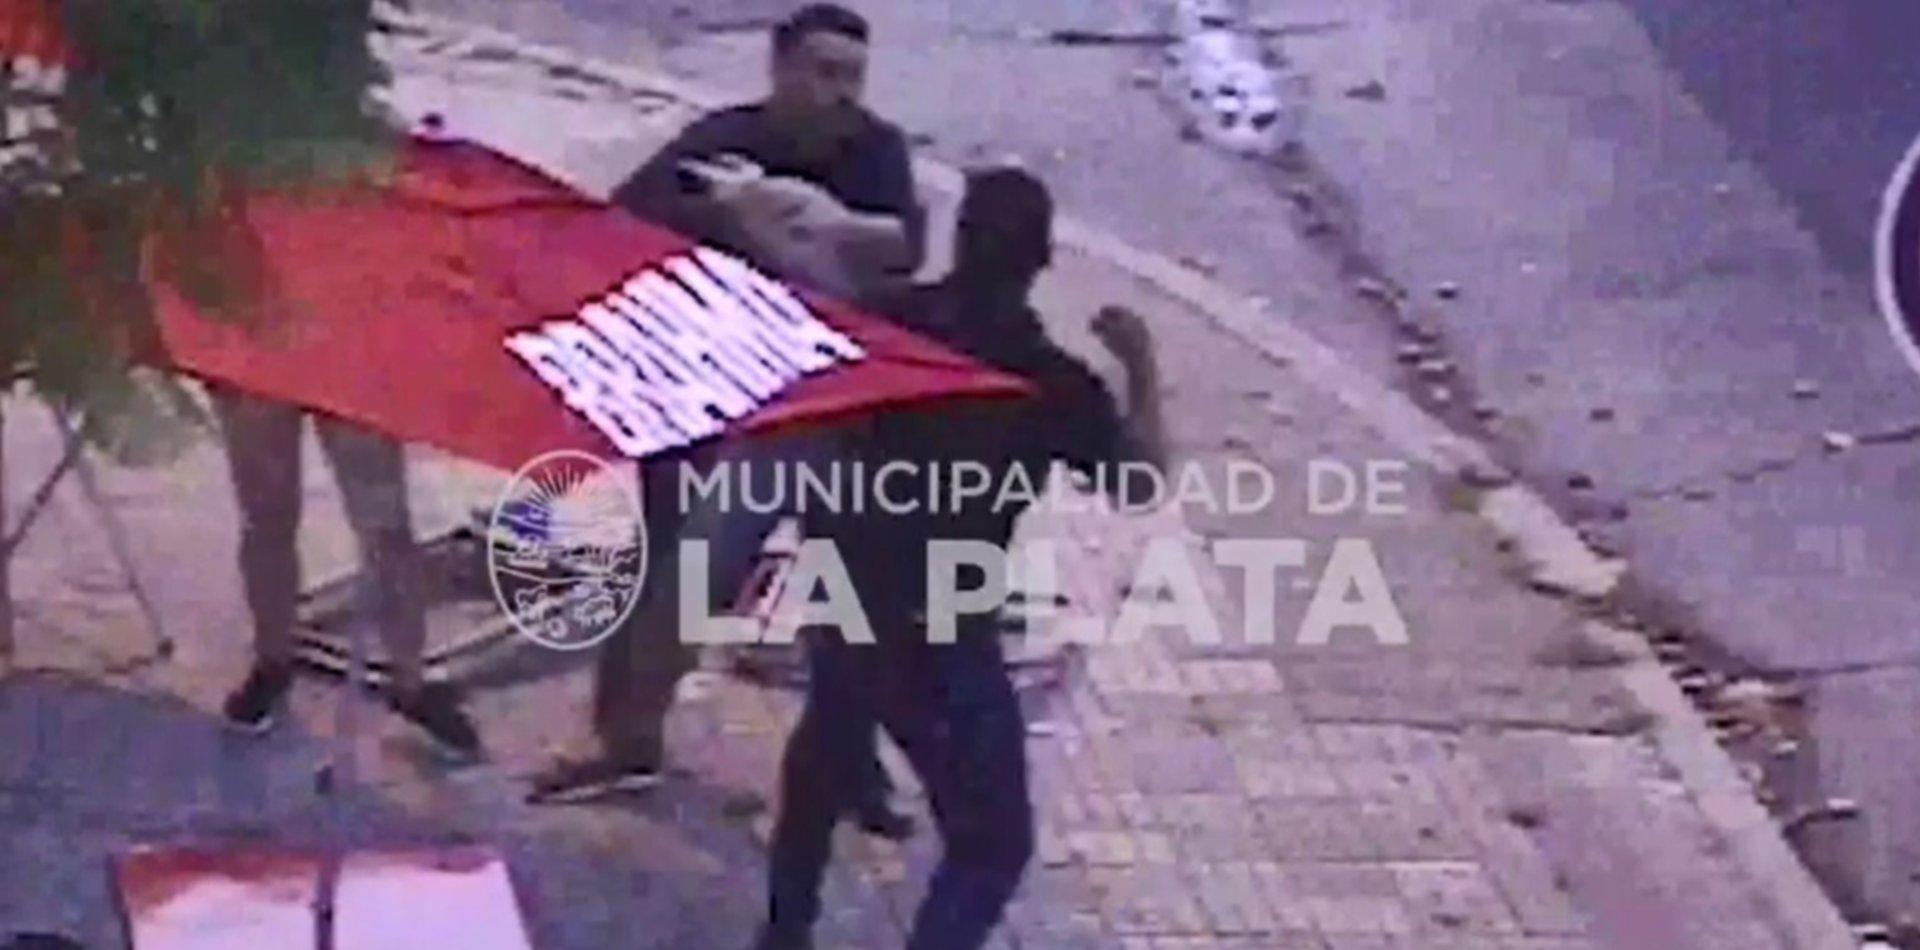 VIDEO: Se agarraron a trompadas en la puerta de un bar de La Plata y terminaron separados por la Policía